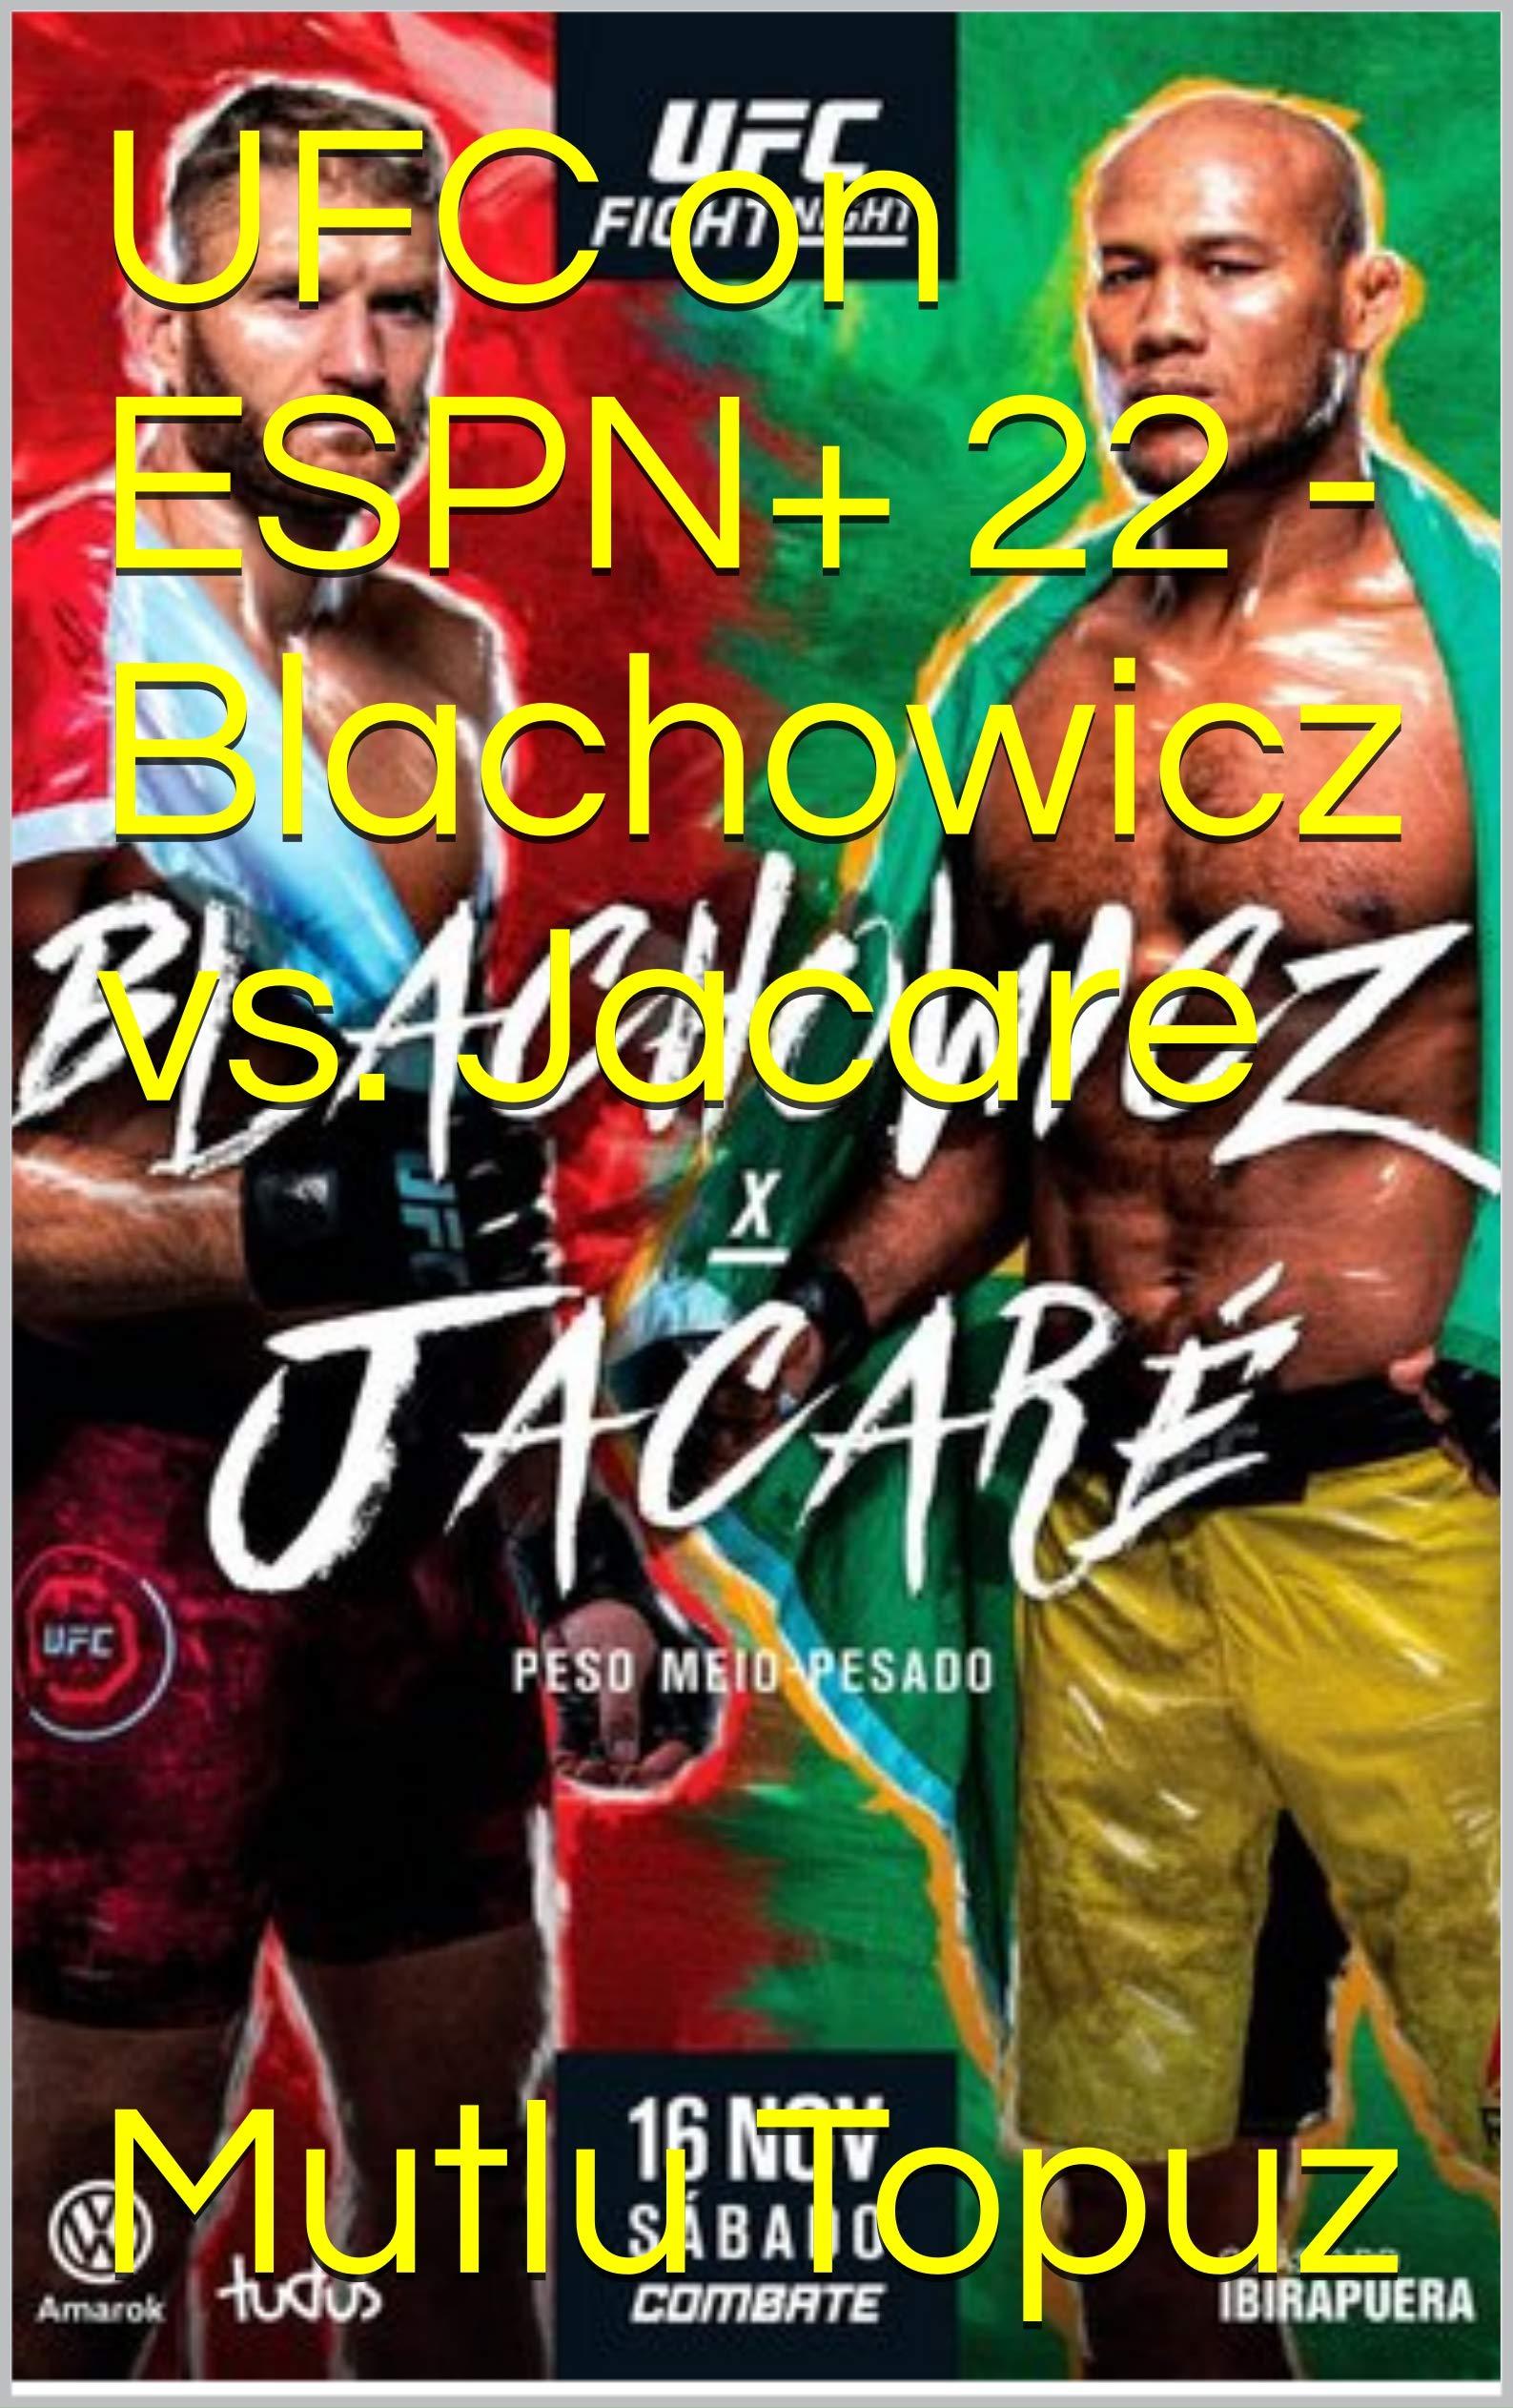 UFC on ESPN+ 22 - Blachowicz vs. Jacare (English Edition)